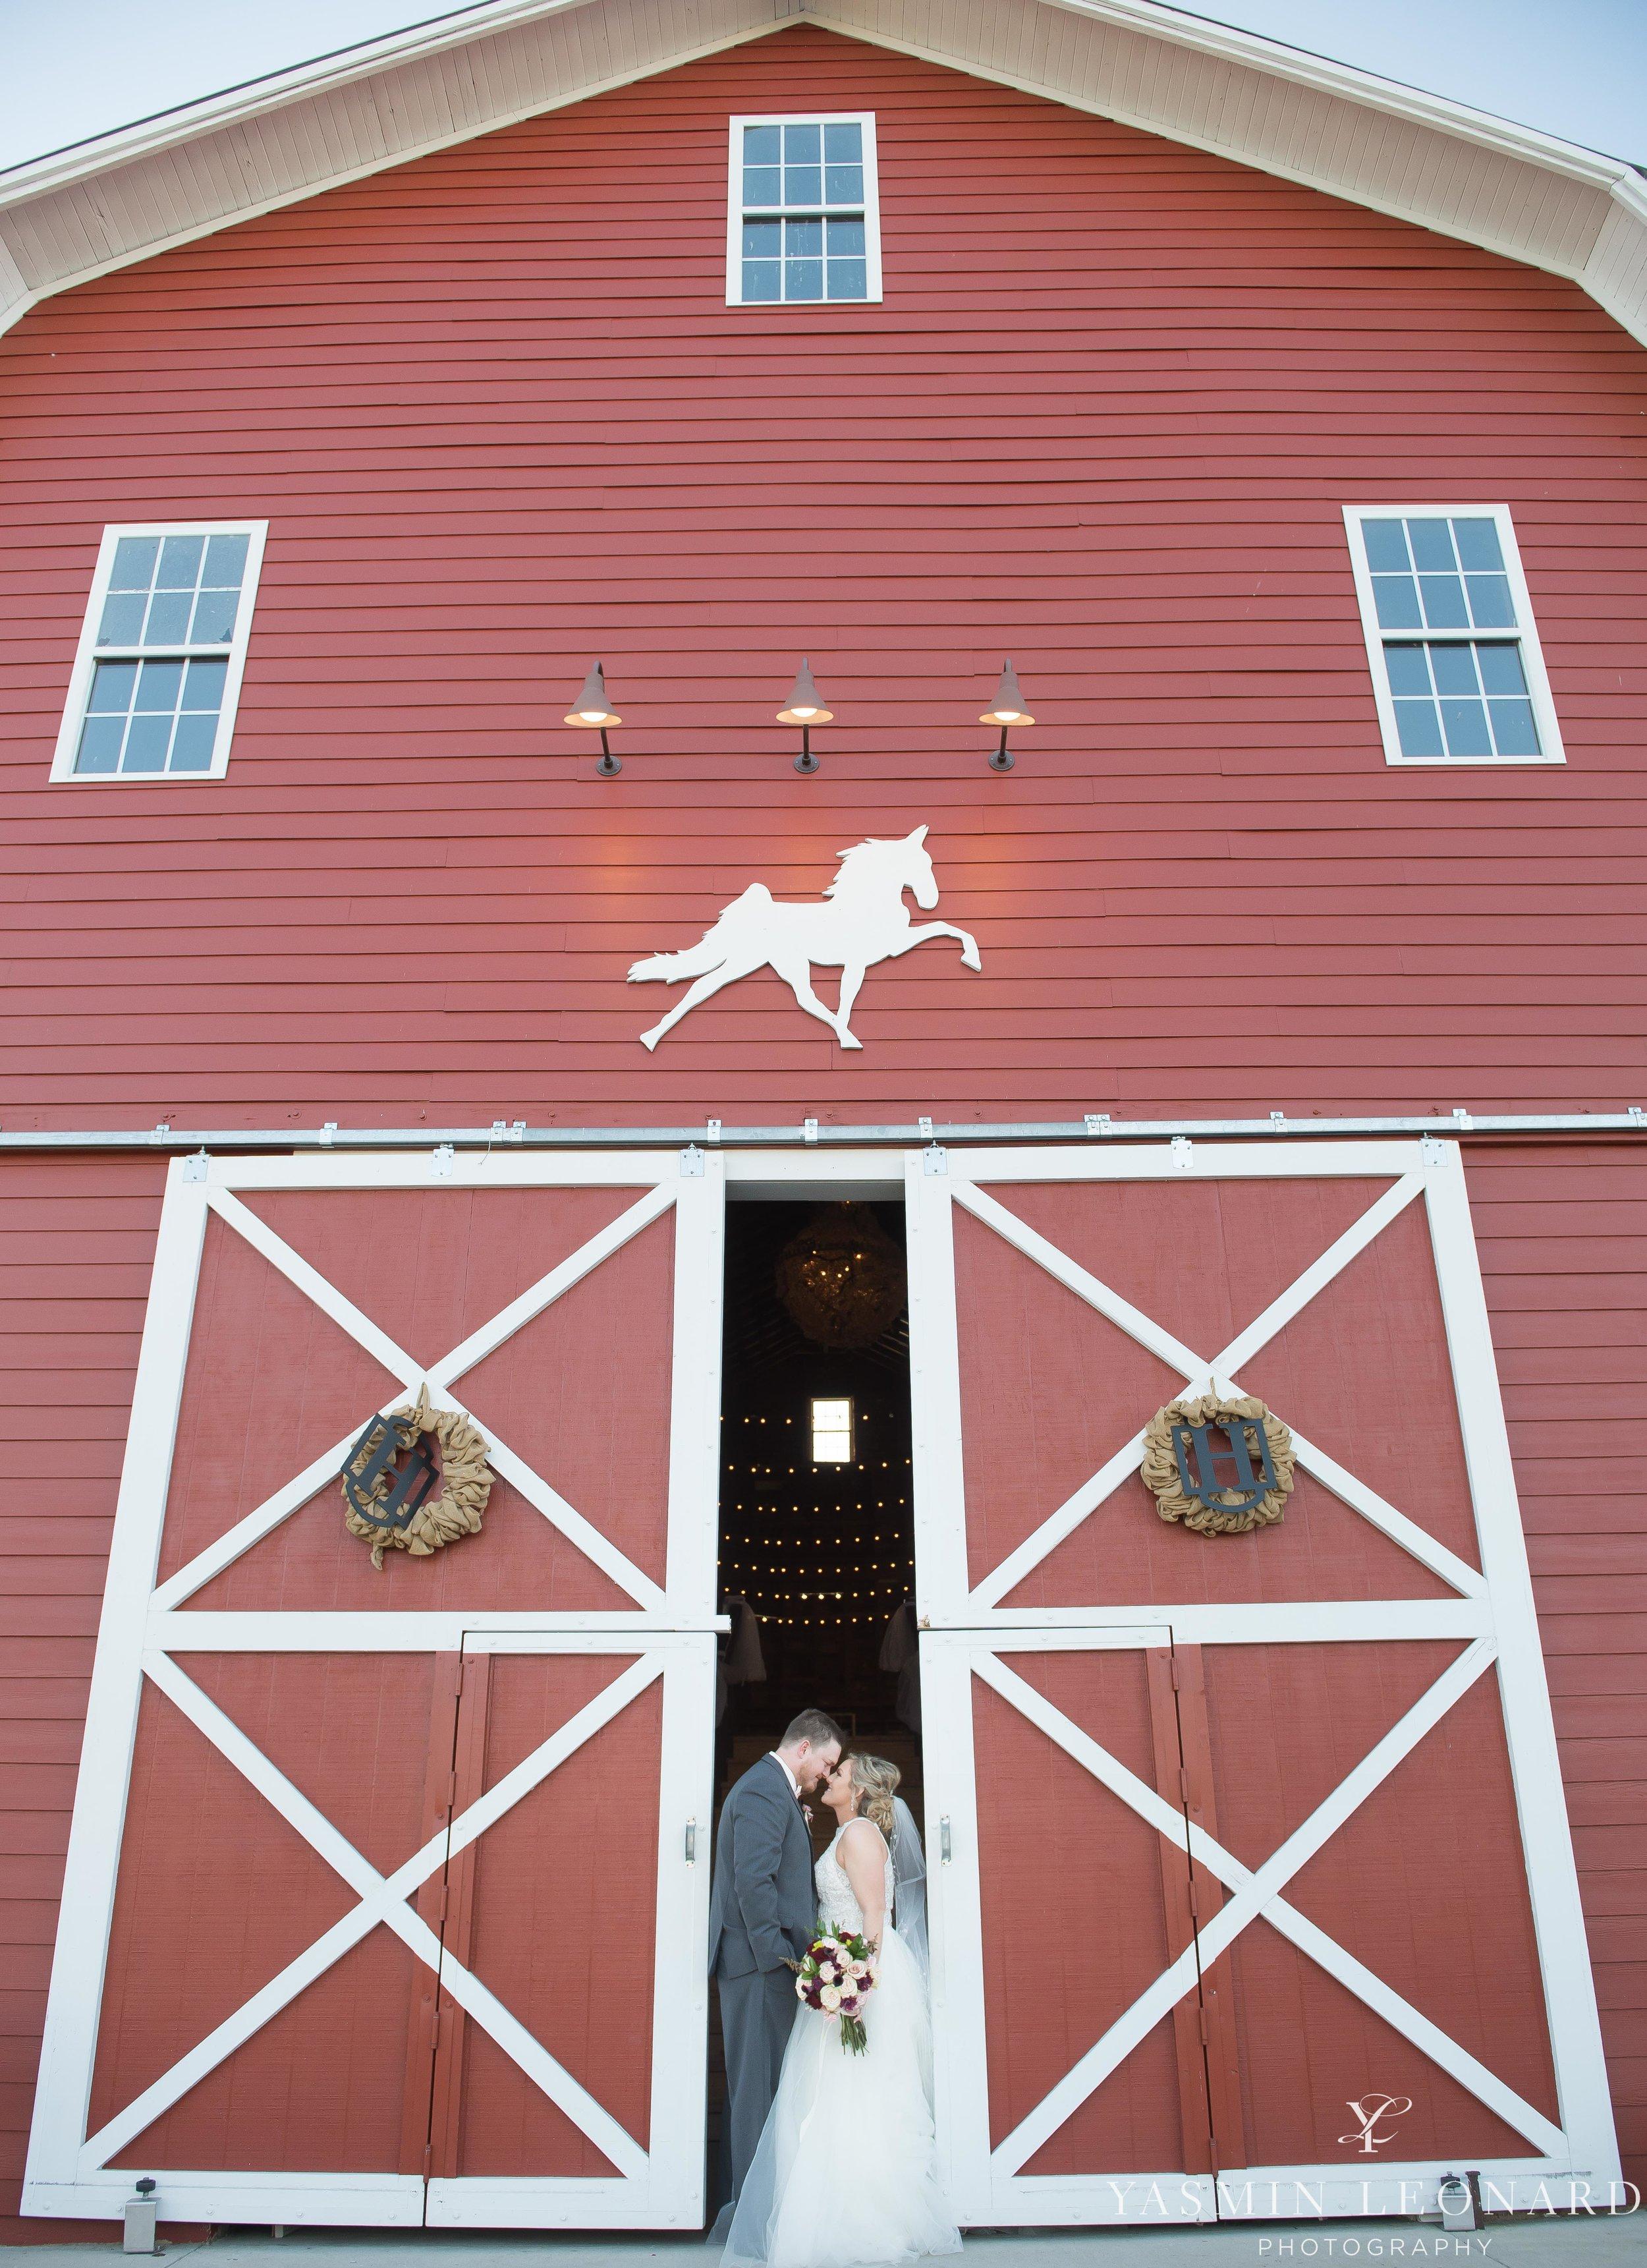 Millikan Farms - Millikan Farms Wedding - Sophia NC Wedding - NC Wedding - NC Wedding Photographer - Yasmin Leonard Photography - High Point Photographer - Barn Wedding - Wedding Venues in NC - Triad Wedding Photographer-56.jpg